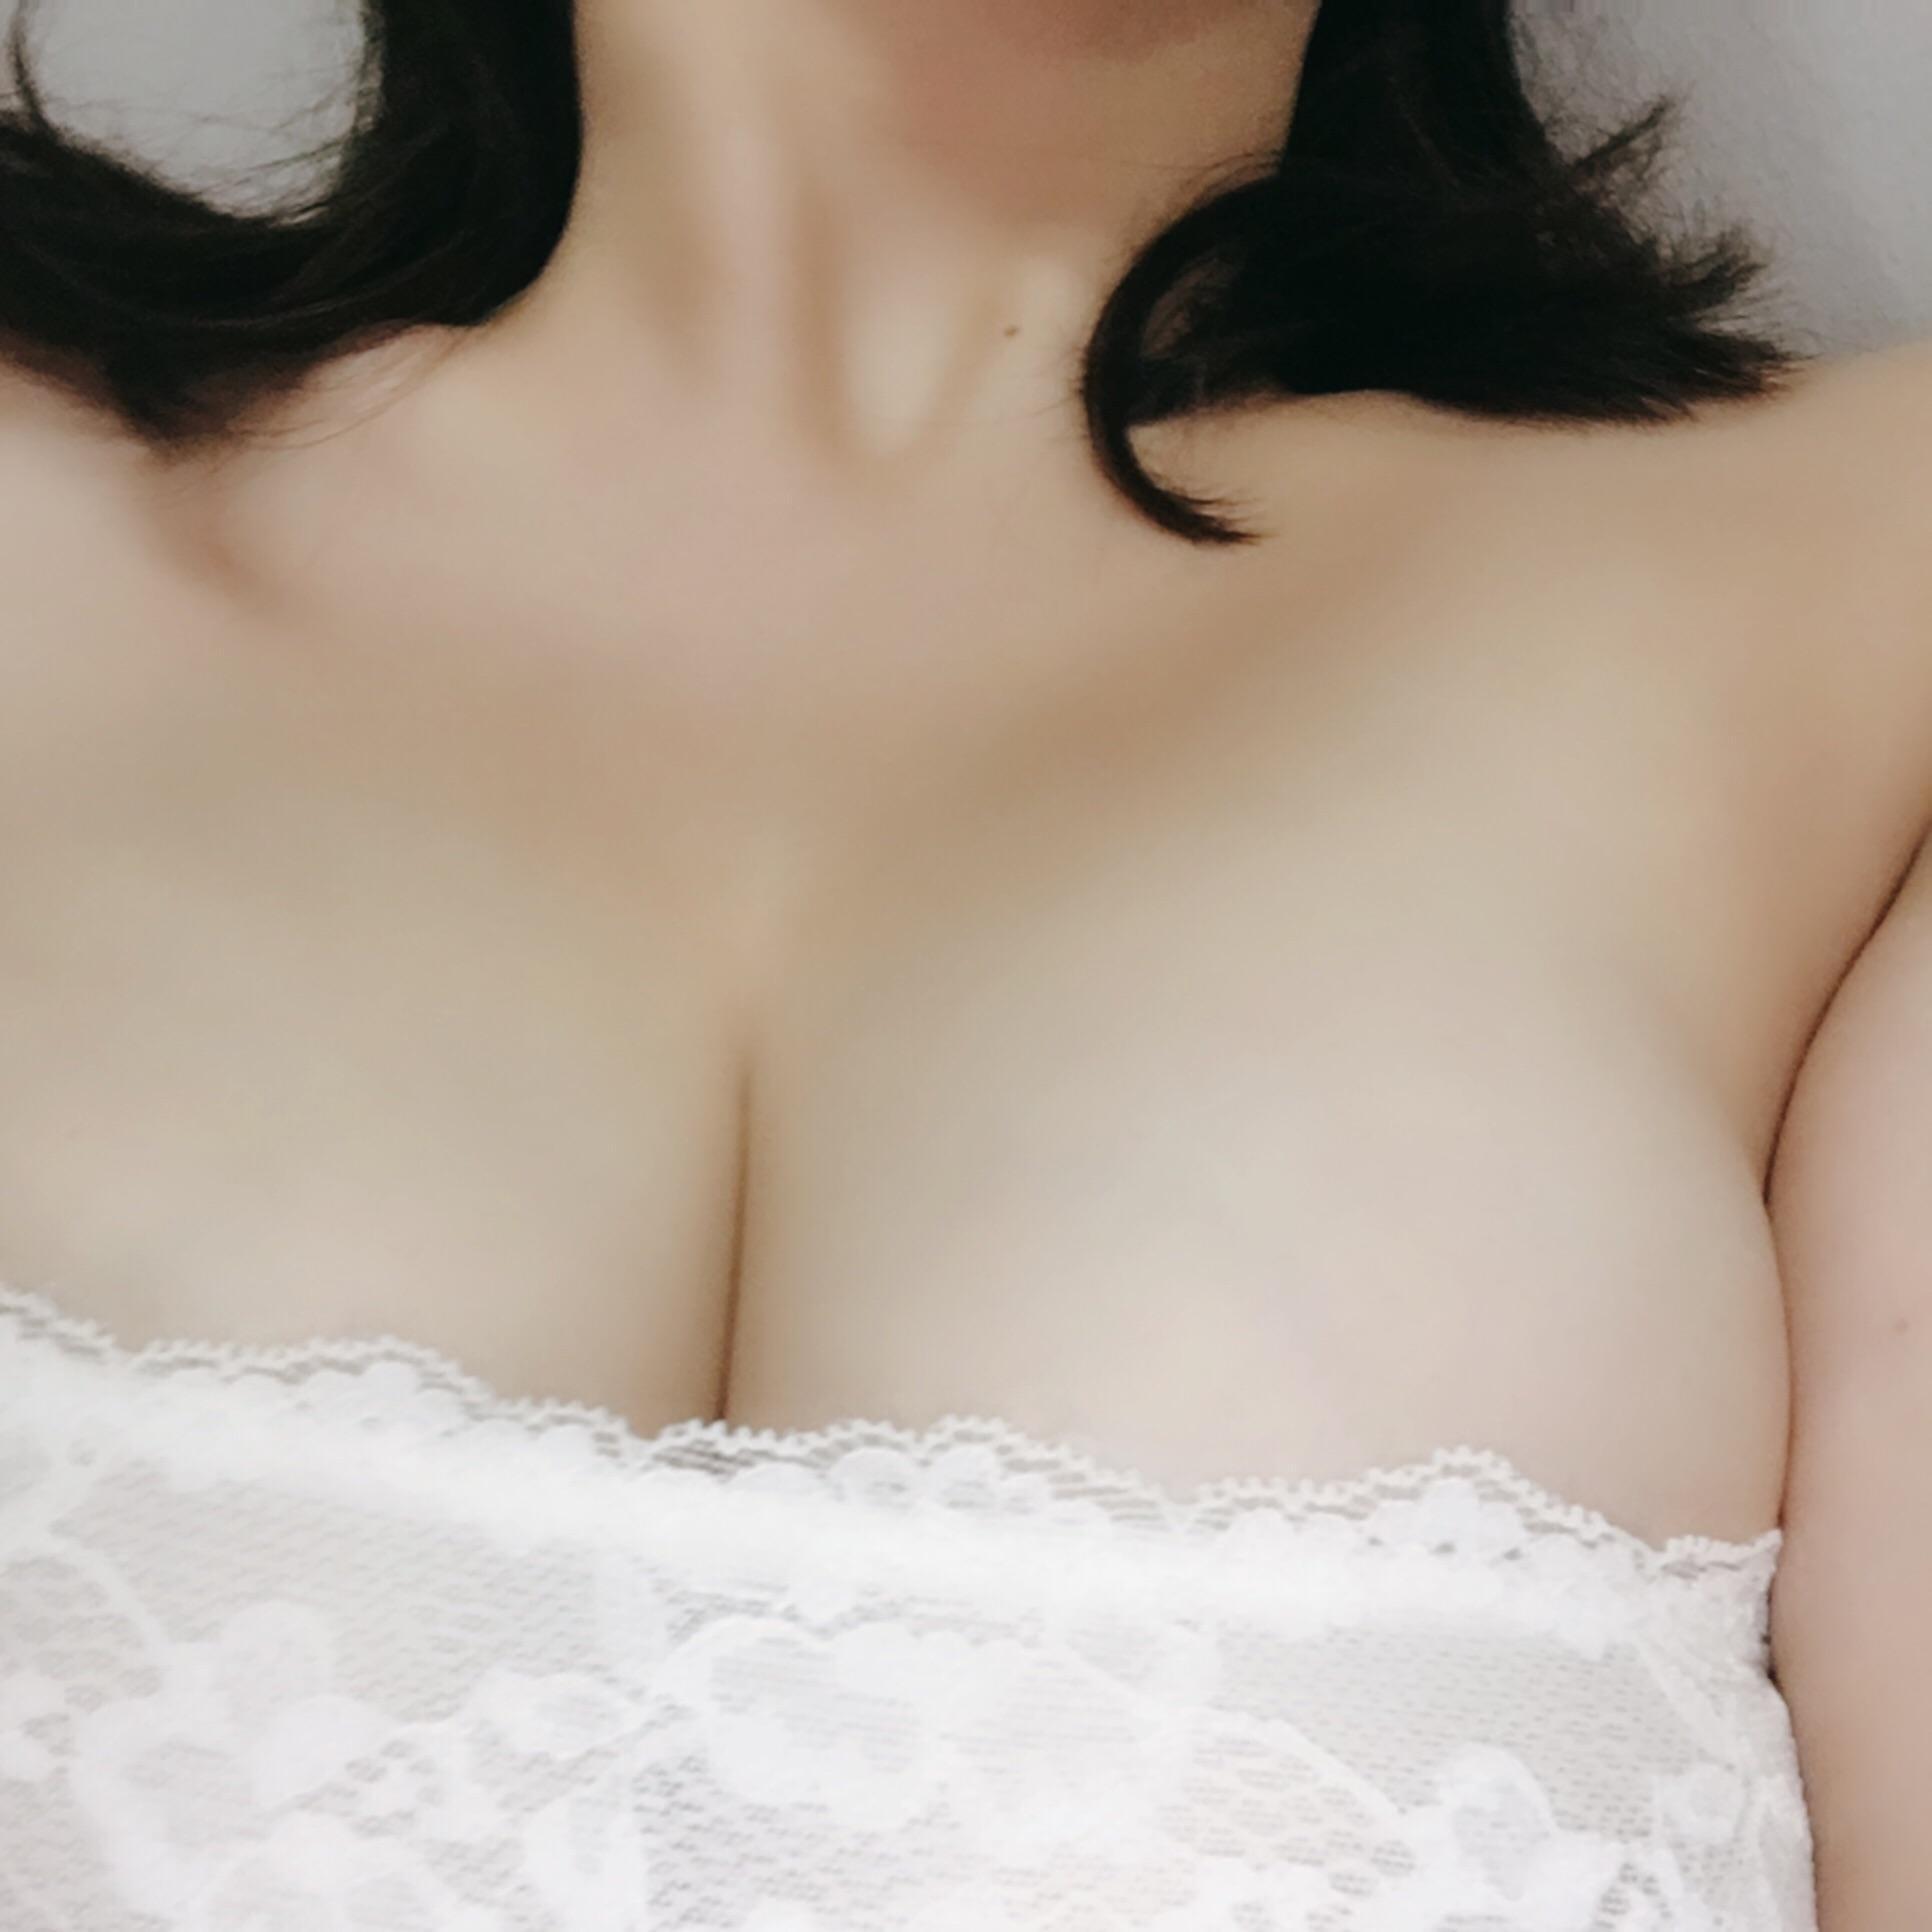 「◆涼しいね◆」08/17(金) 22:01 | かすみの写メ・風俗動画